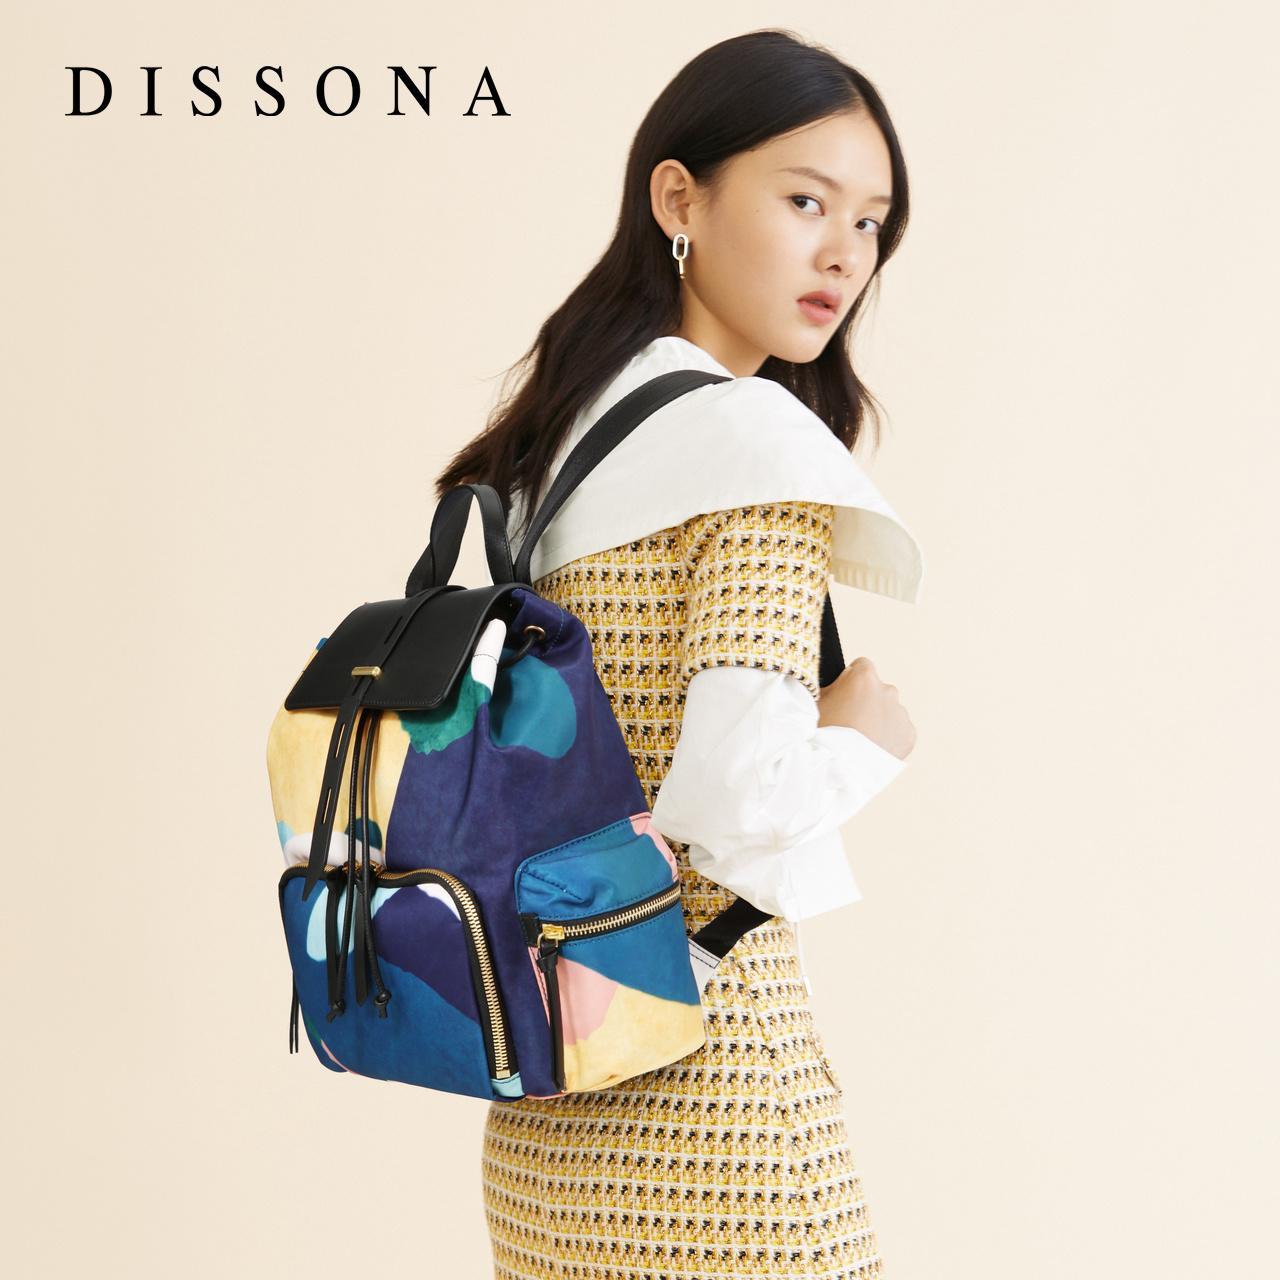 新款包包大容量书包休闲抽绳背包 2019 迪桑娜女包时尚帆布包双肩包